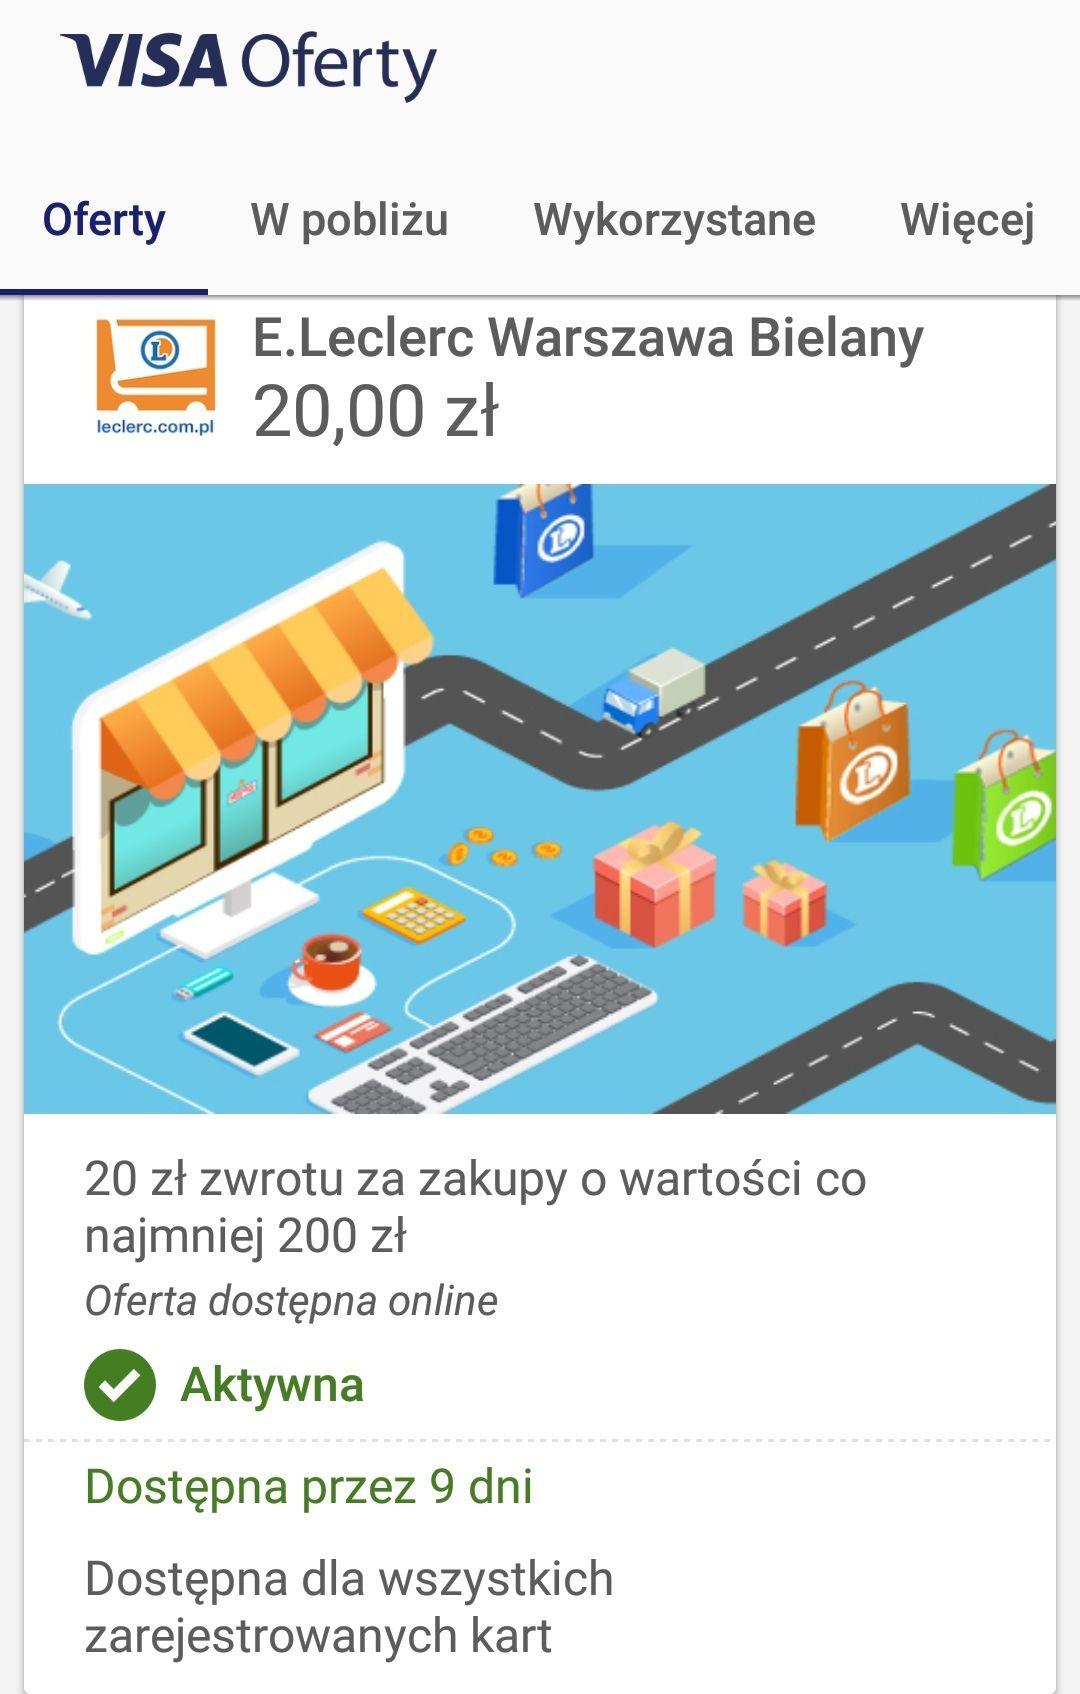 Visa oferty - zwrot 20 zł przy MWZ 200zł E.Leclerc Warszawa Bielany